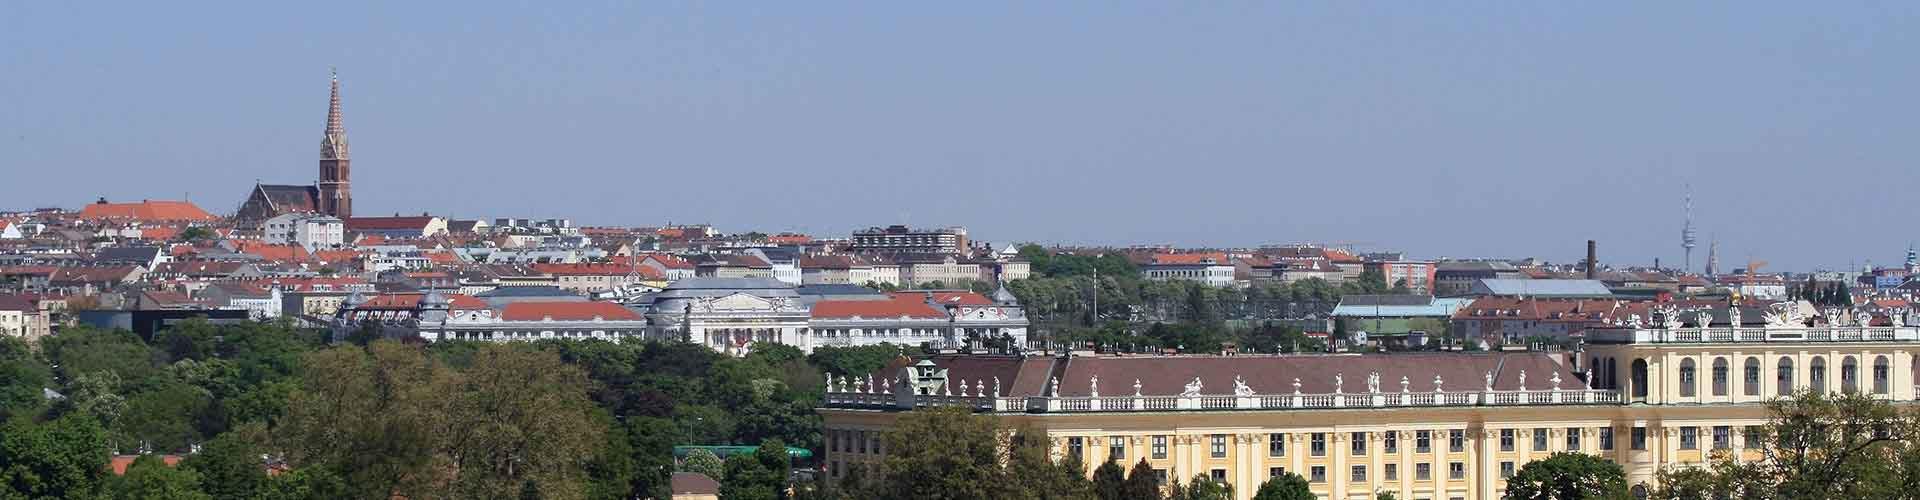 Vídeň - Ubytovny ve čtvrti  Rudolfsheim-Fuenfhaus. Mapy pro Vídeň, fotky a recenze pro každou ubytovnu - Vídeň.